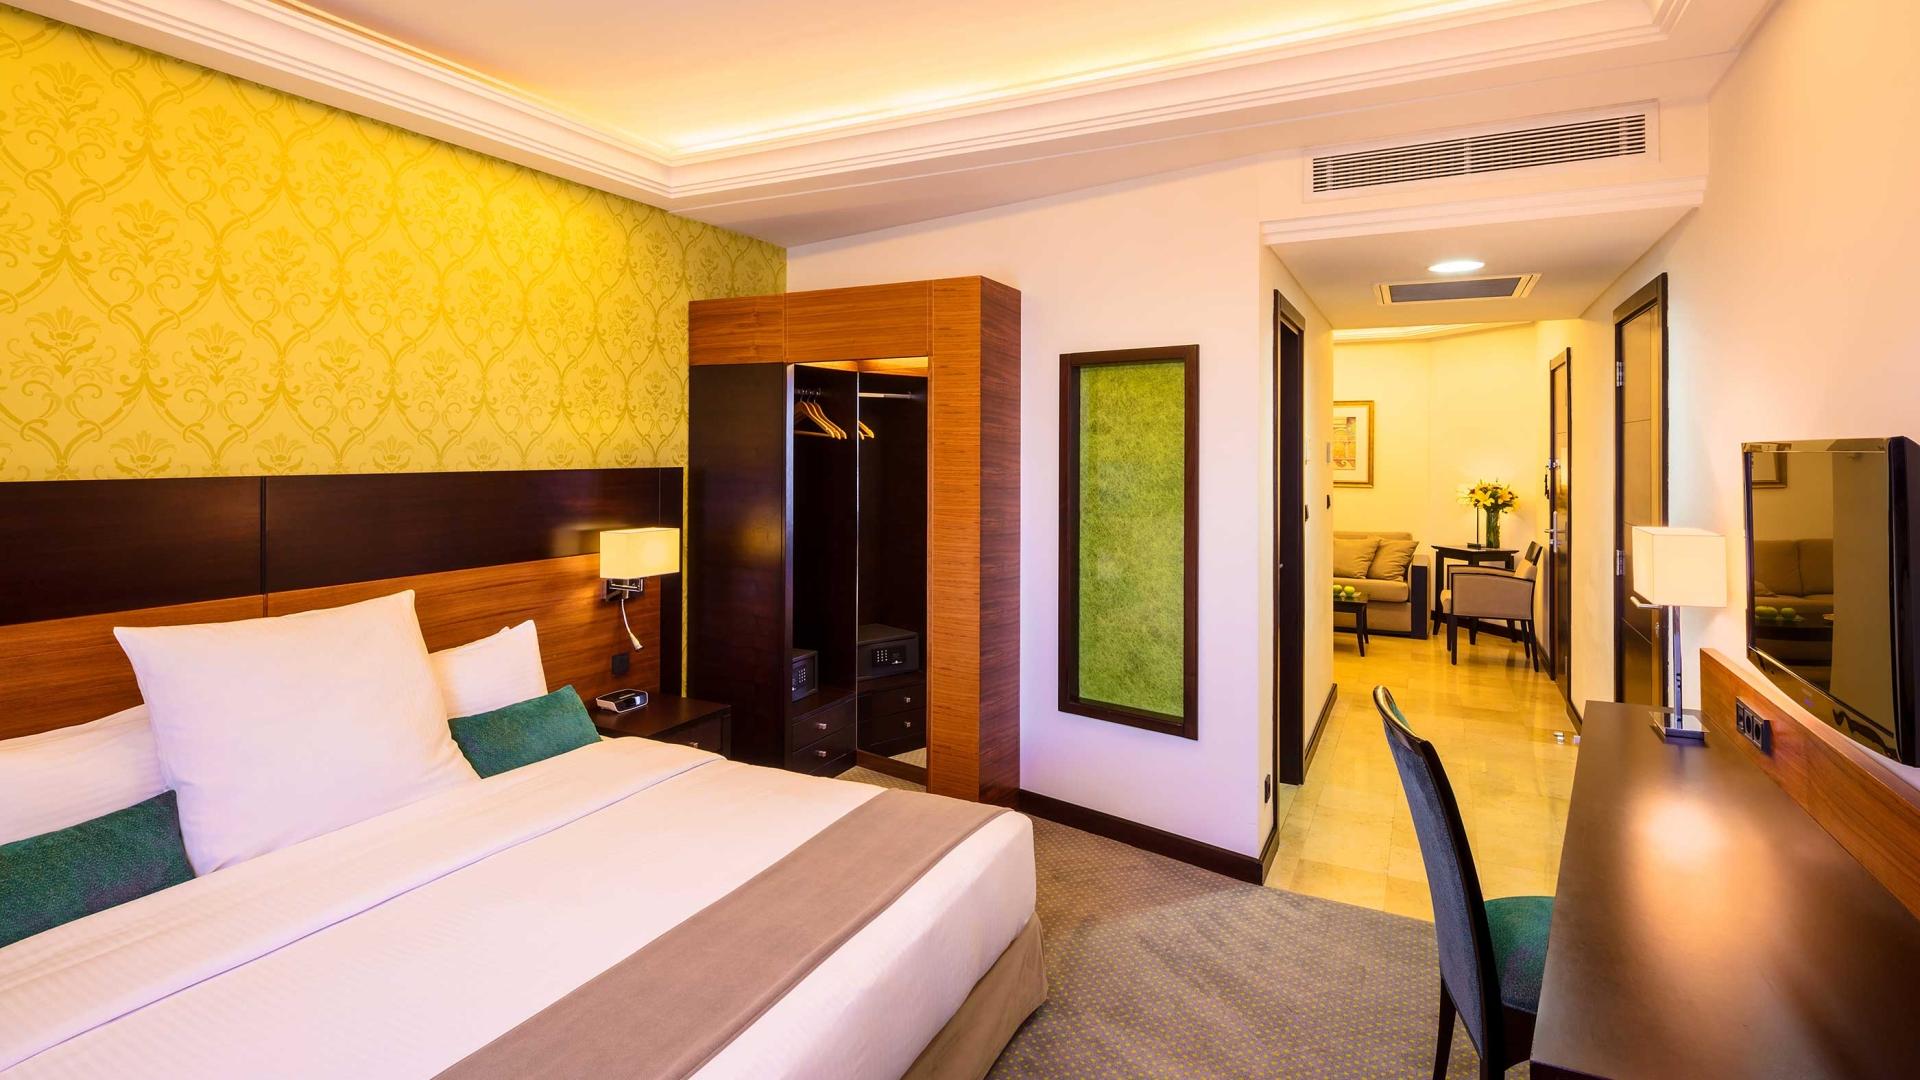 الغرف في فندق كورب عمان